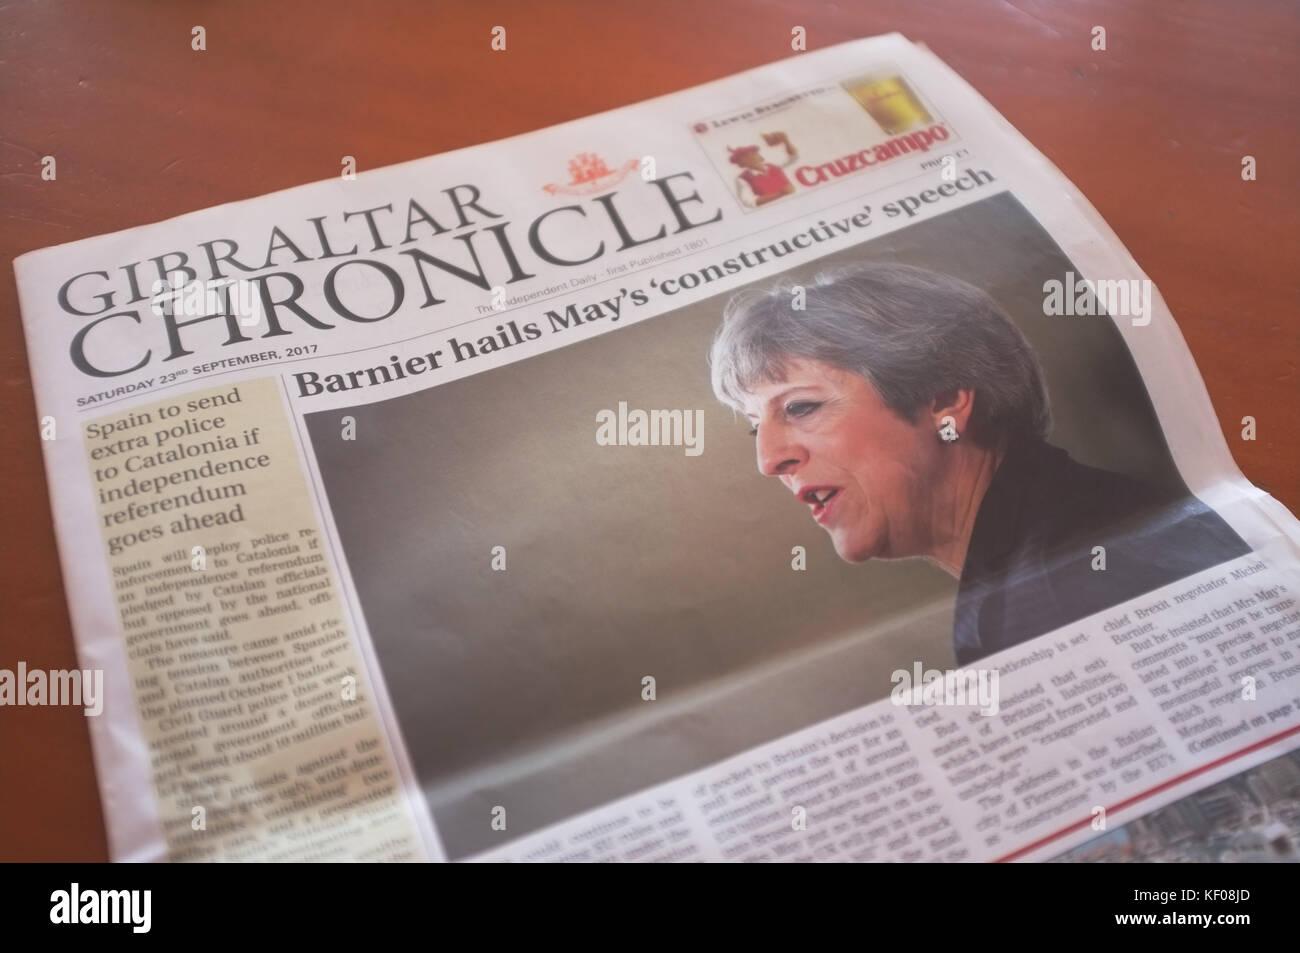 Gibraltar Chronicle newspaper, Gibraltar, September 2017 - Stock Image